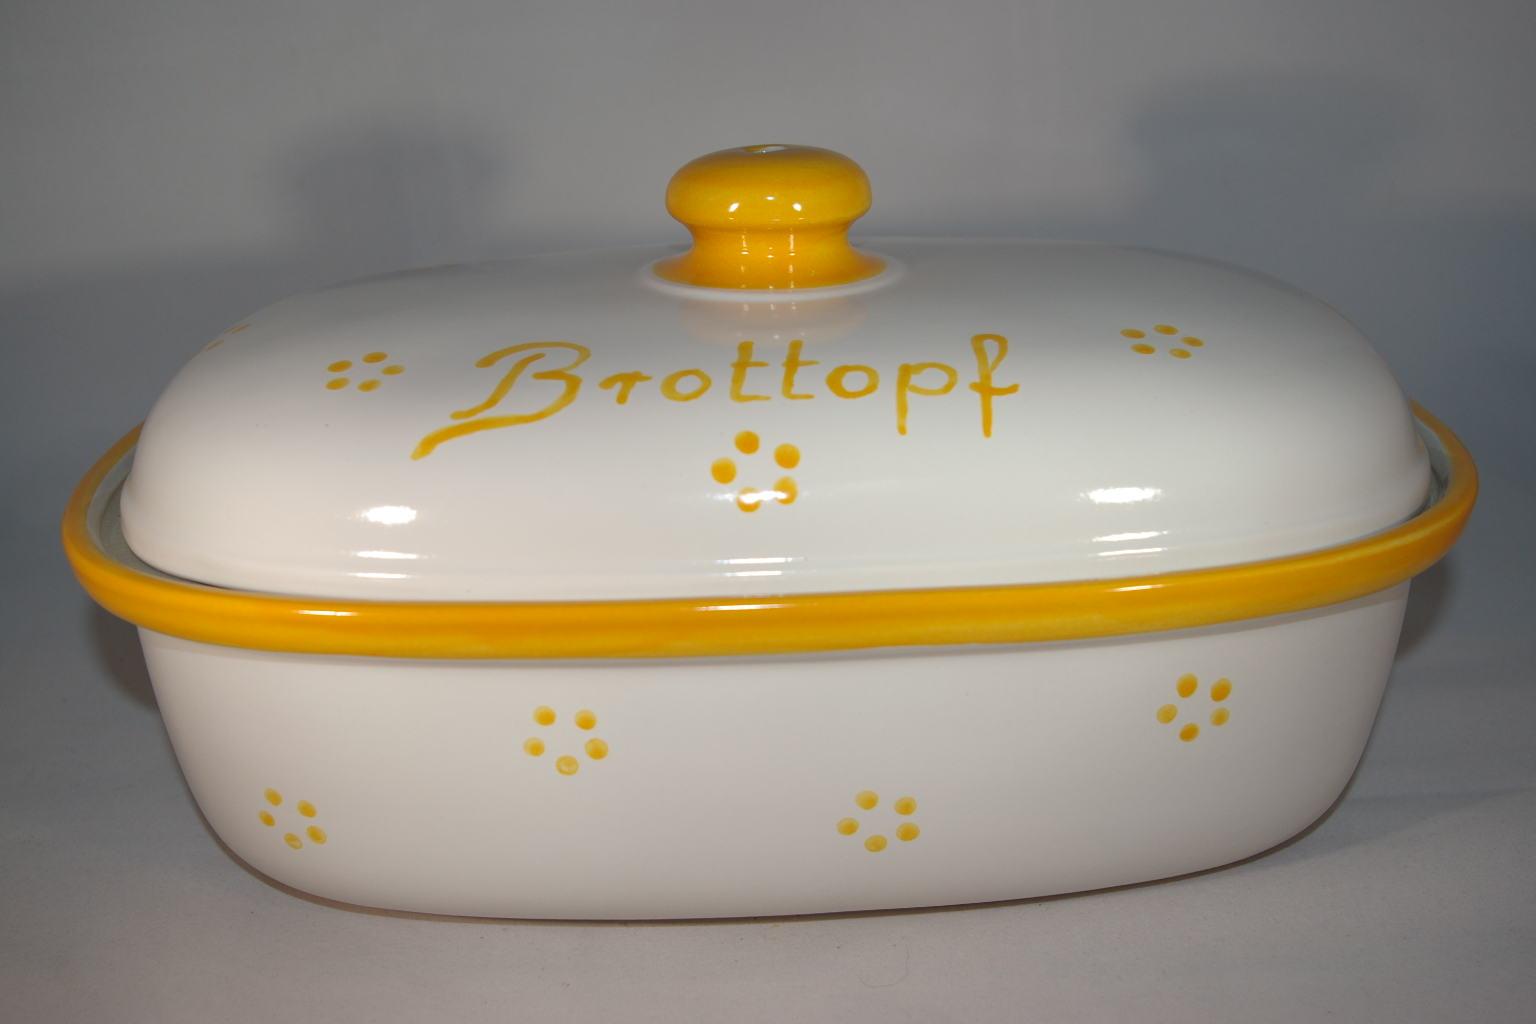 Unterschied Ton Keramik brottopf 30 cm retro gelb keramik seifert ronny seifert